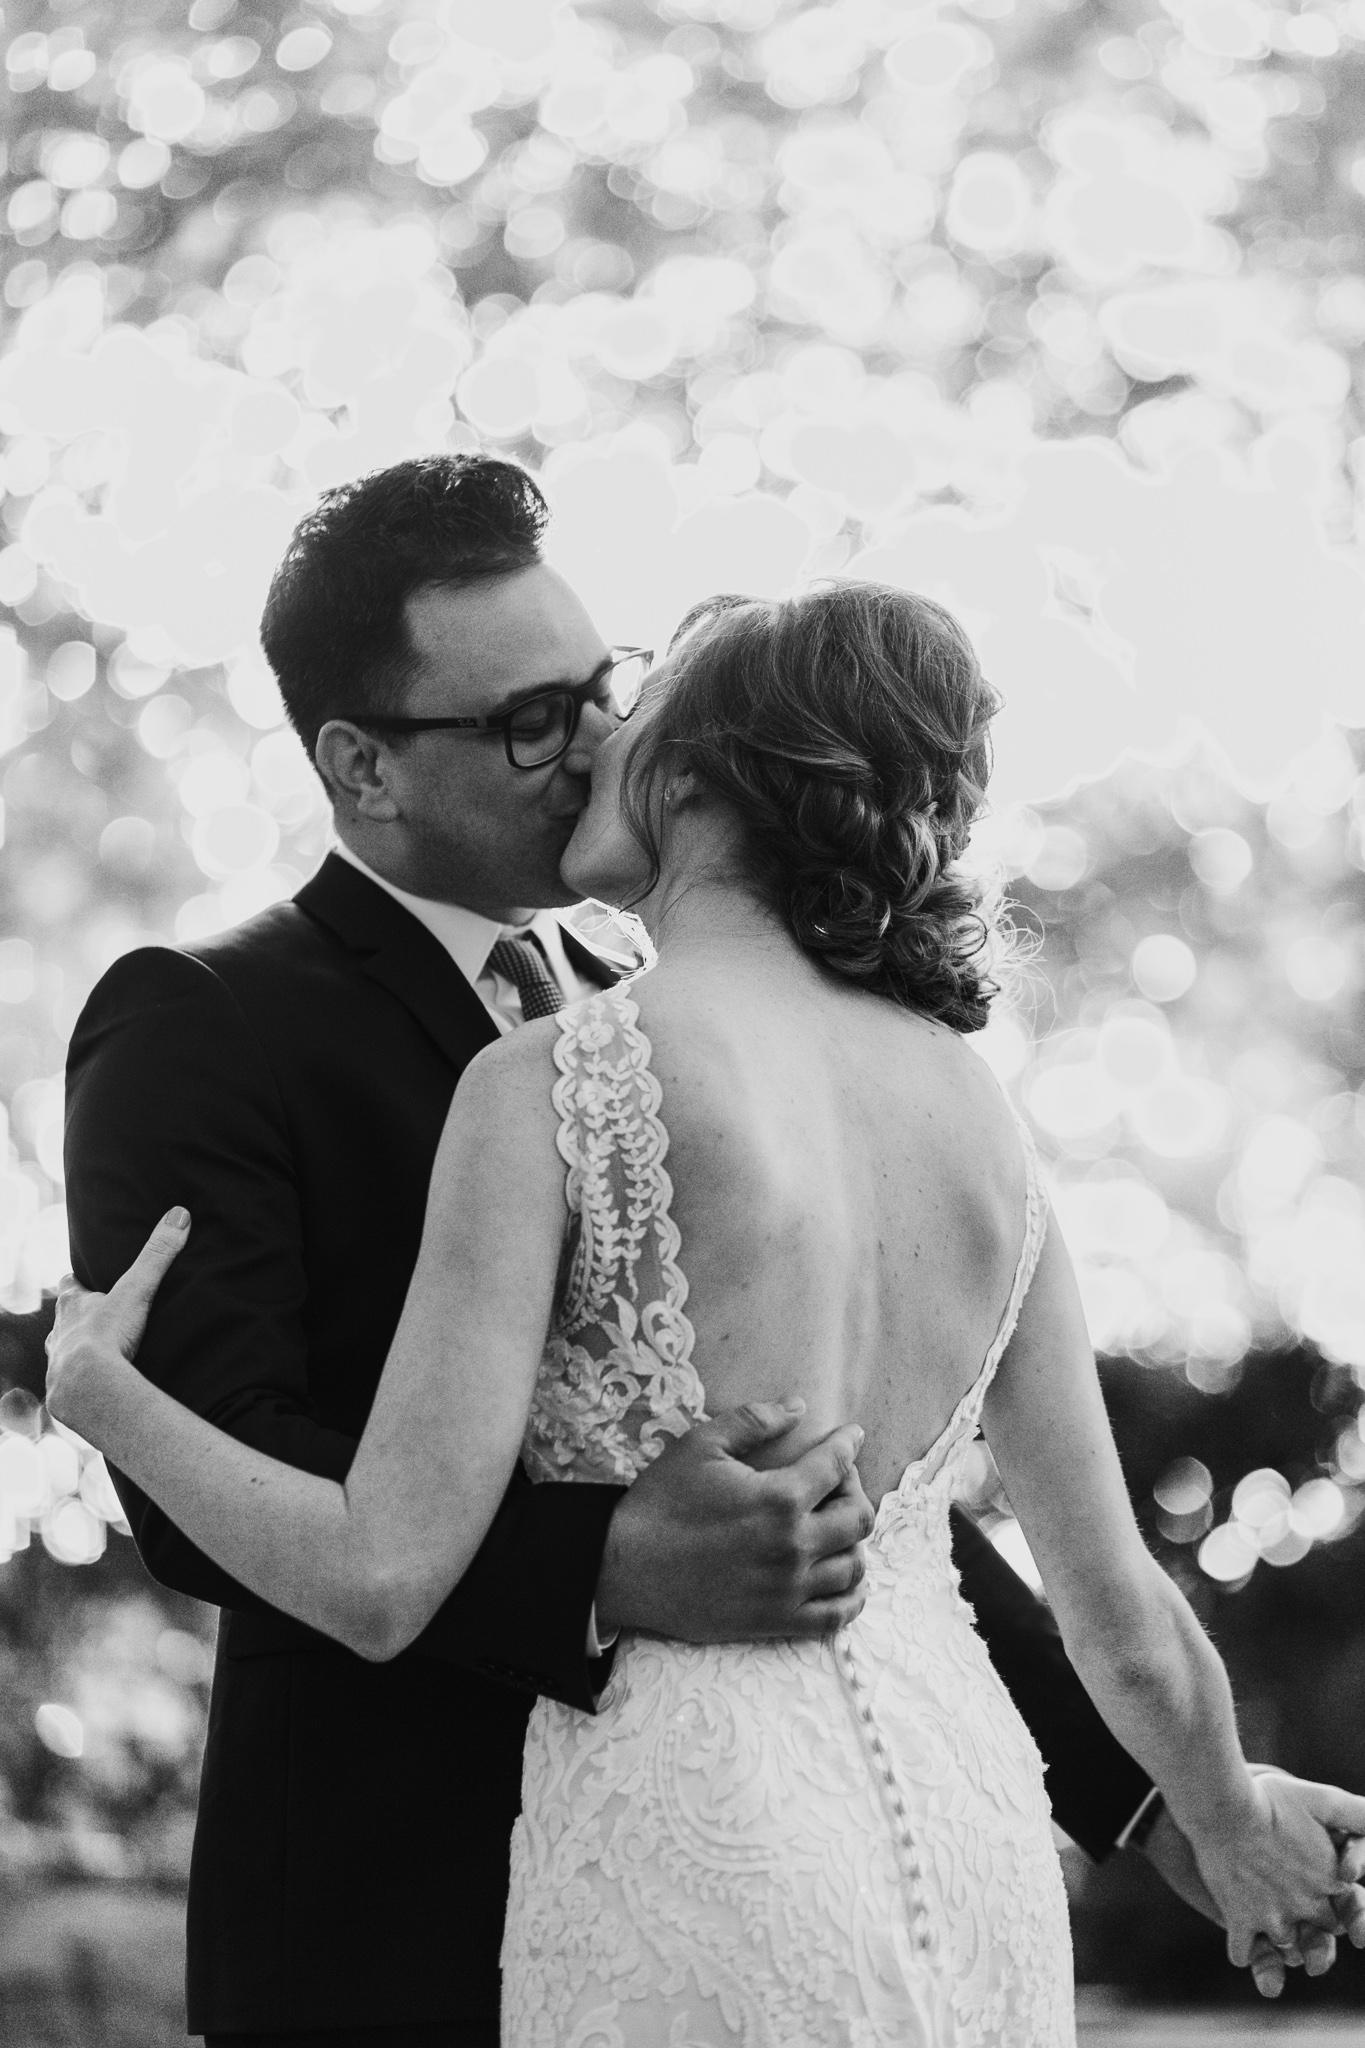 BayArea-Wedding-Photographer-57.jpg